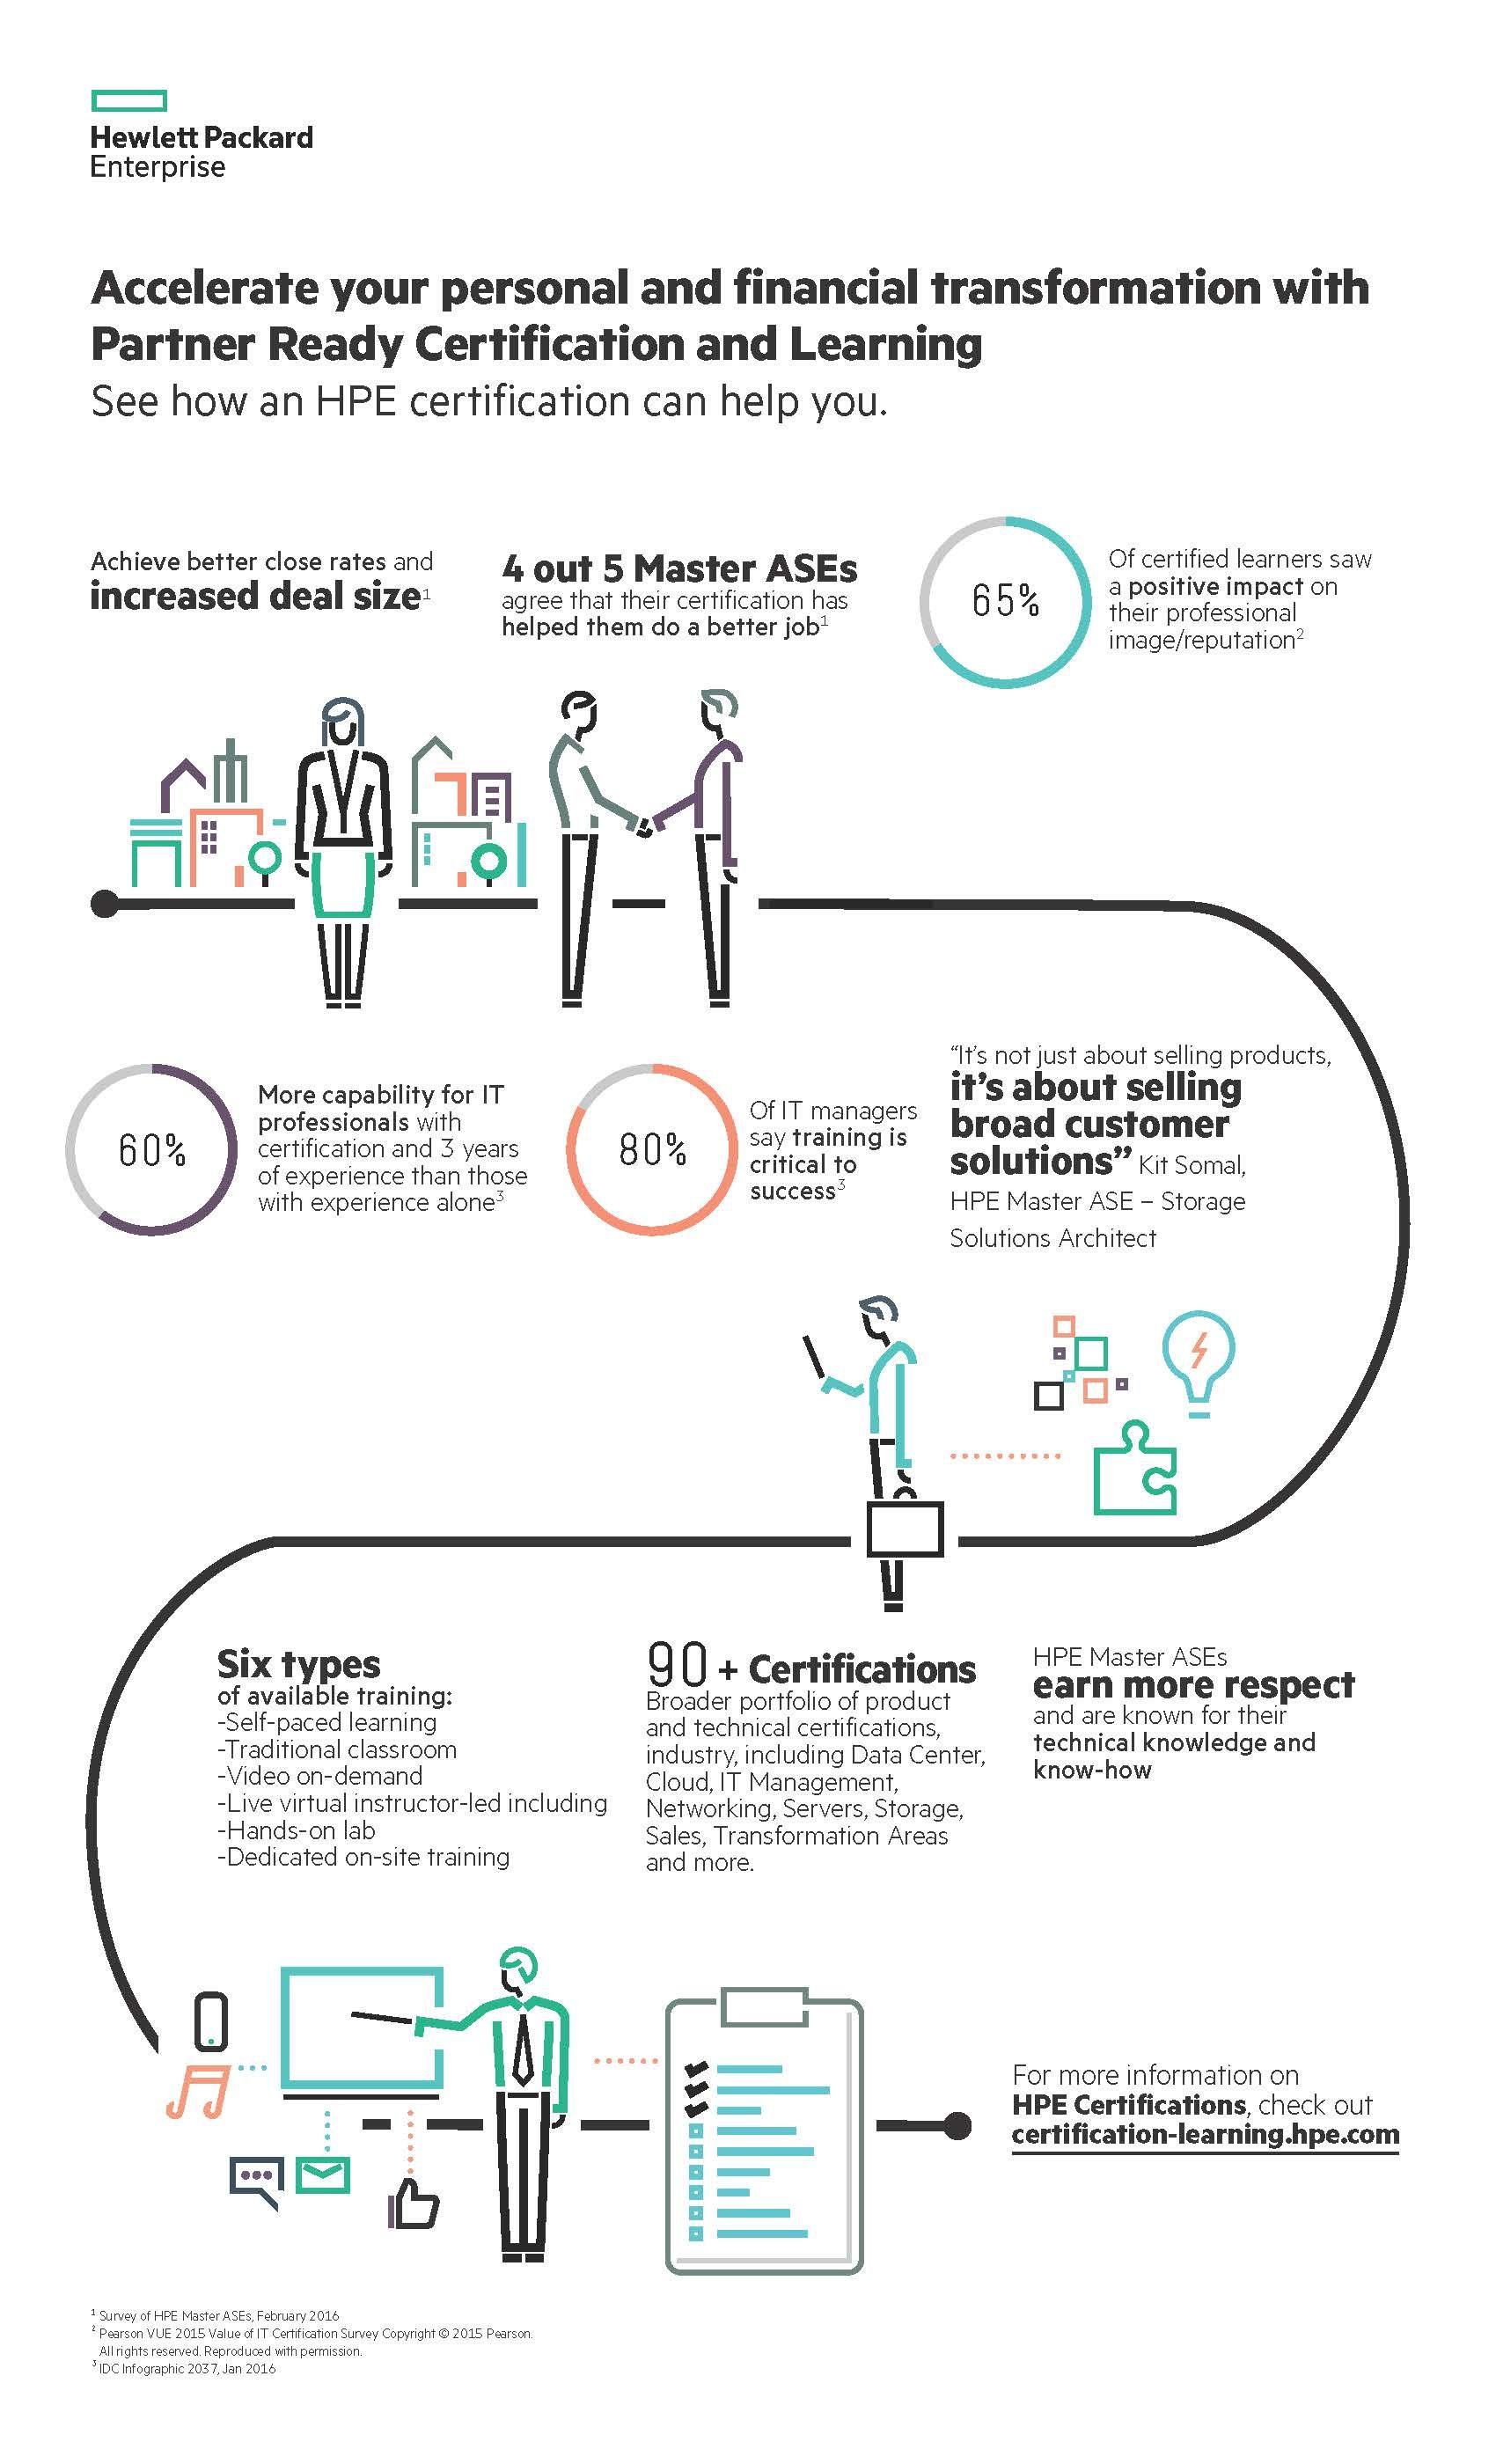 HPE Cert & Learning Infographic Aug 2016 .jpg